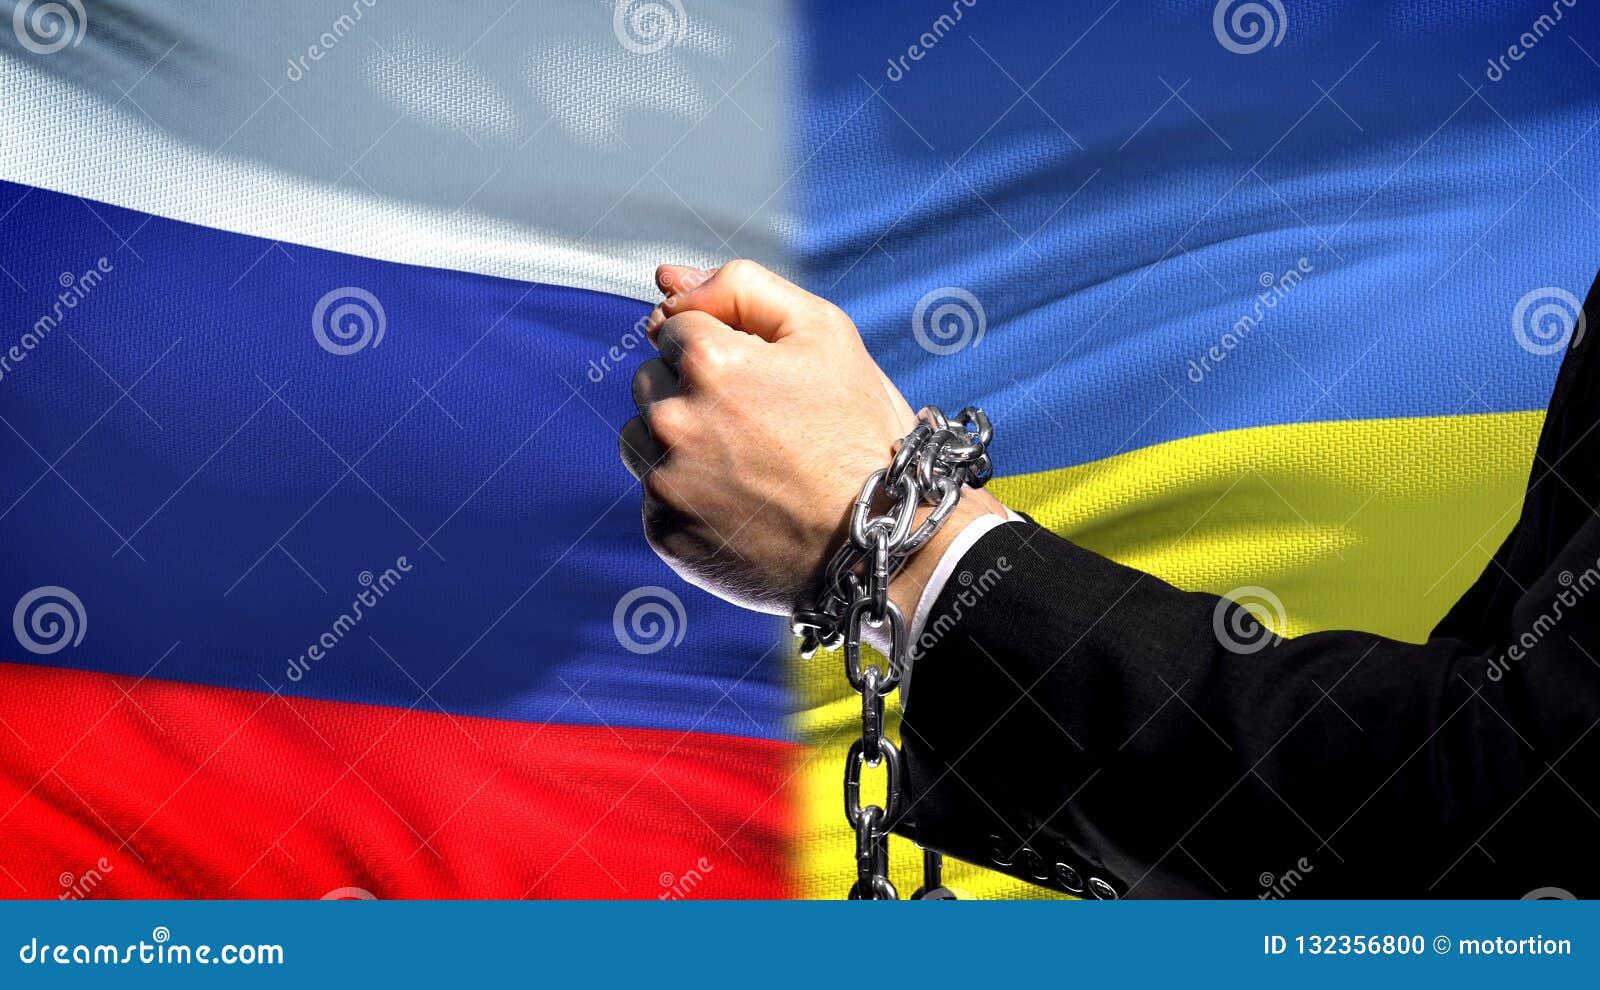 Rússia aprova Ucrânia, o conflito acorrentado dos braços, o político ou o econômico, negócio